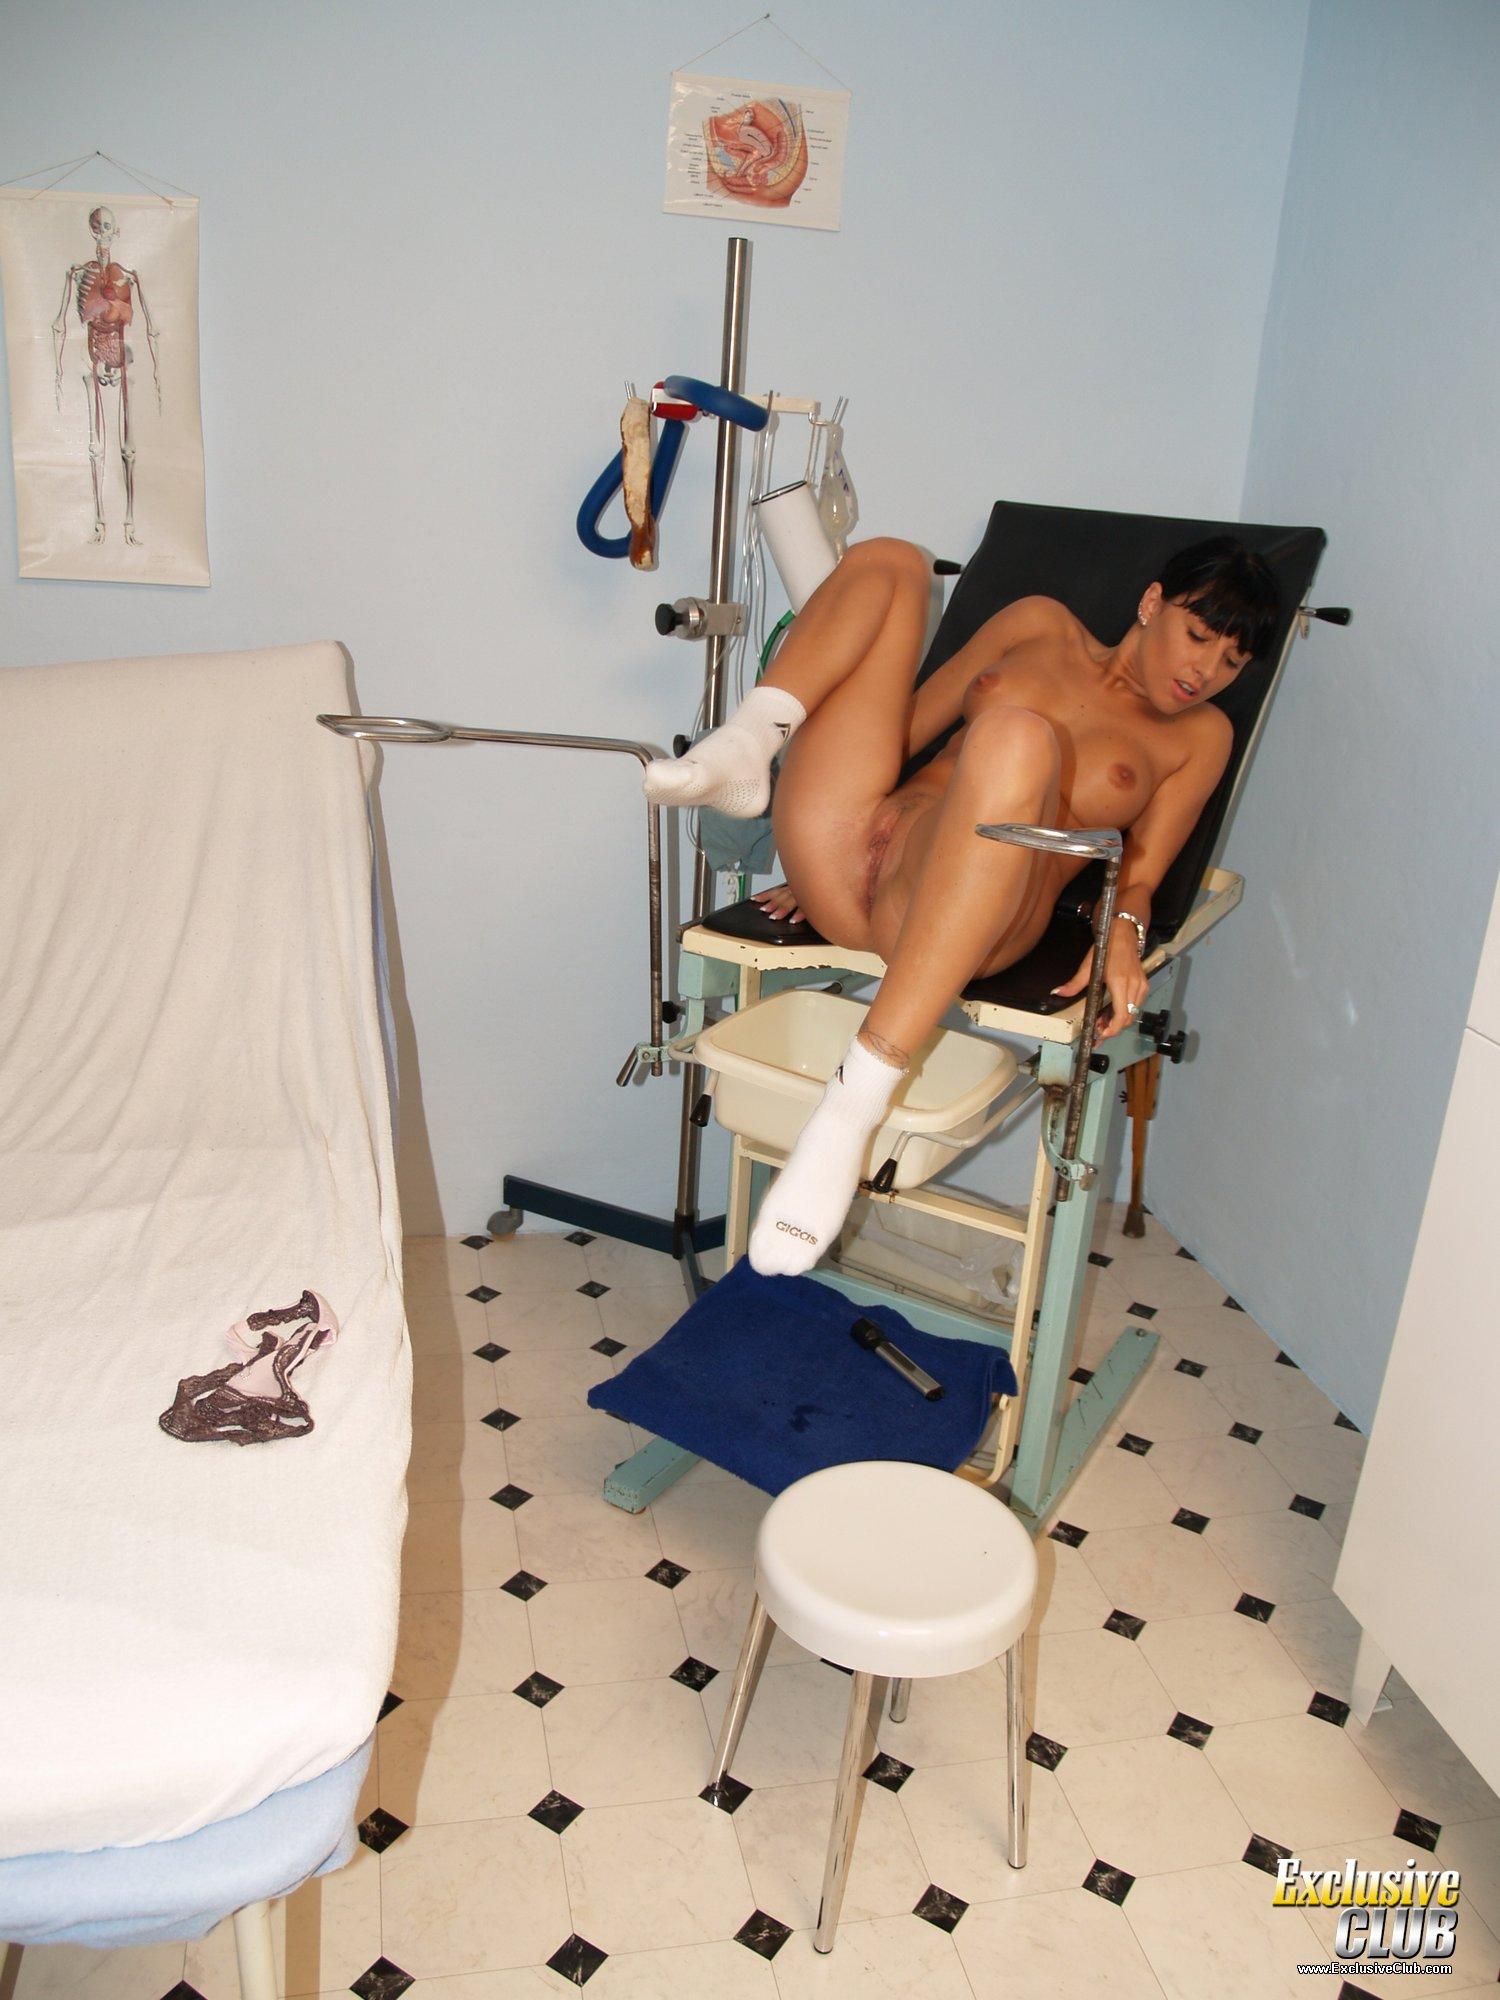 Смотреть секс извращения осмотр у гинеколога бесплатно и без регистрации 25 фотография